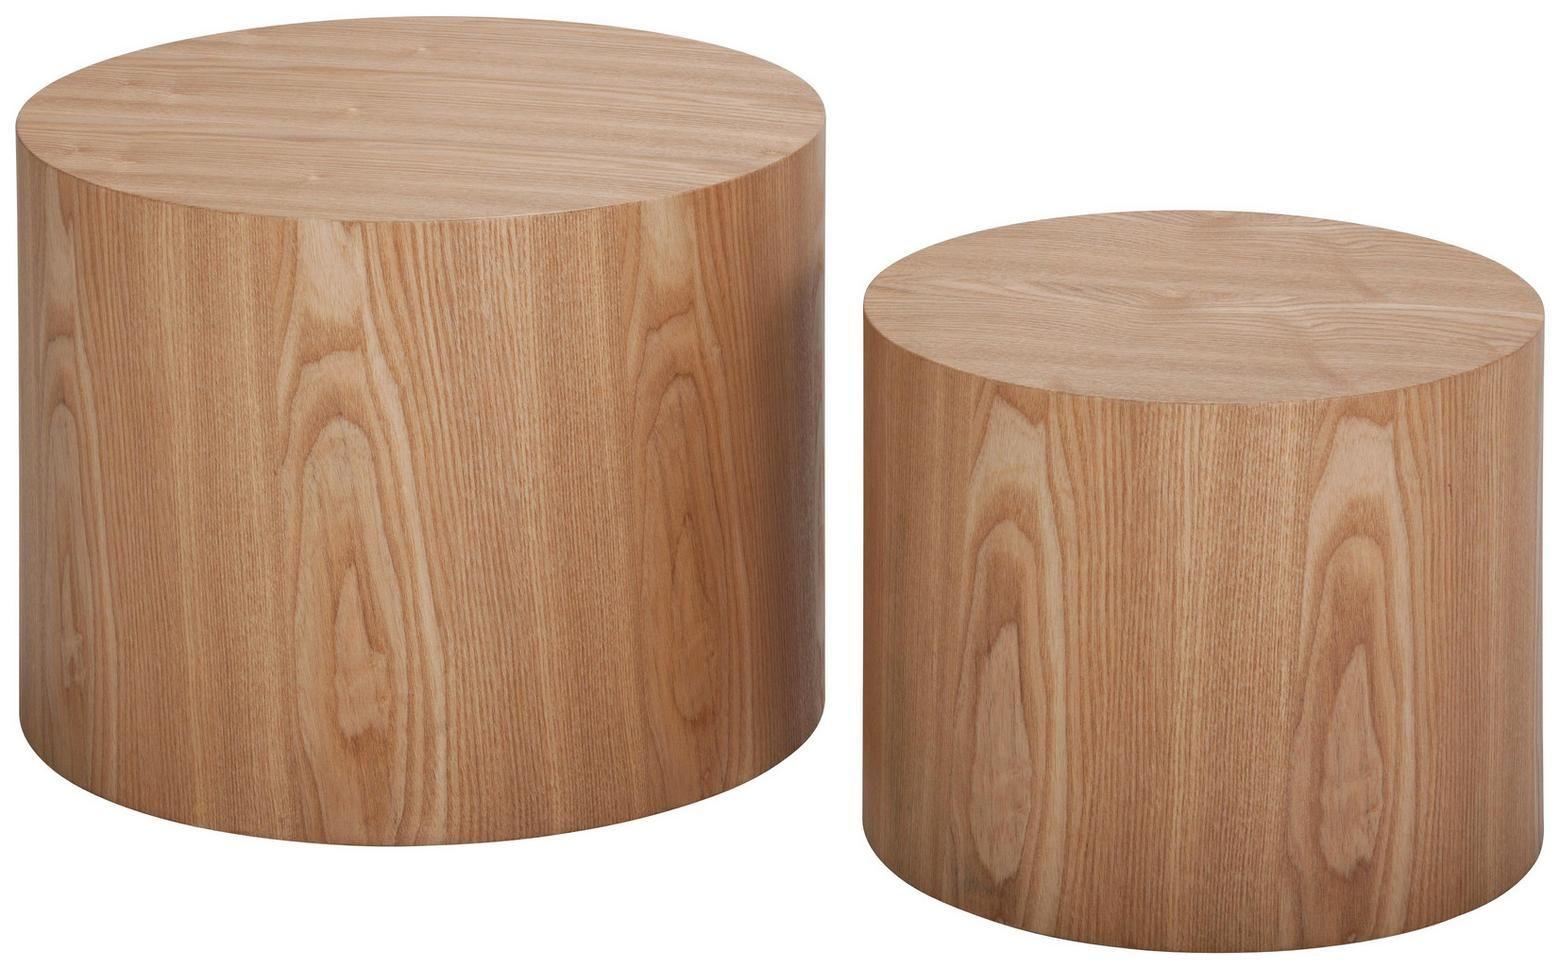 Runde Beistelltische Aus Massivem Holz Beistelltisch Holz Couchtisch Holz Couchtisch Rund